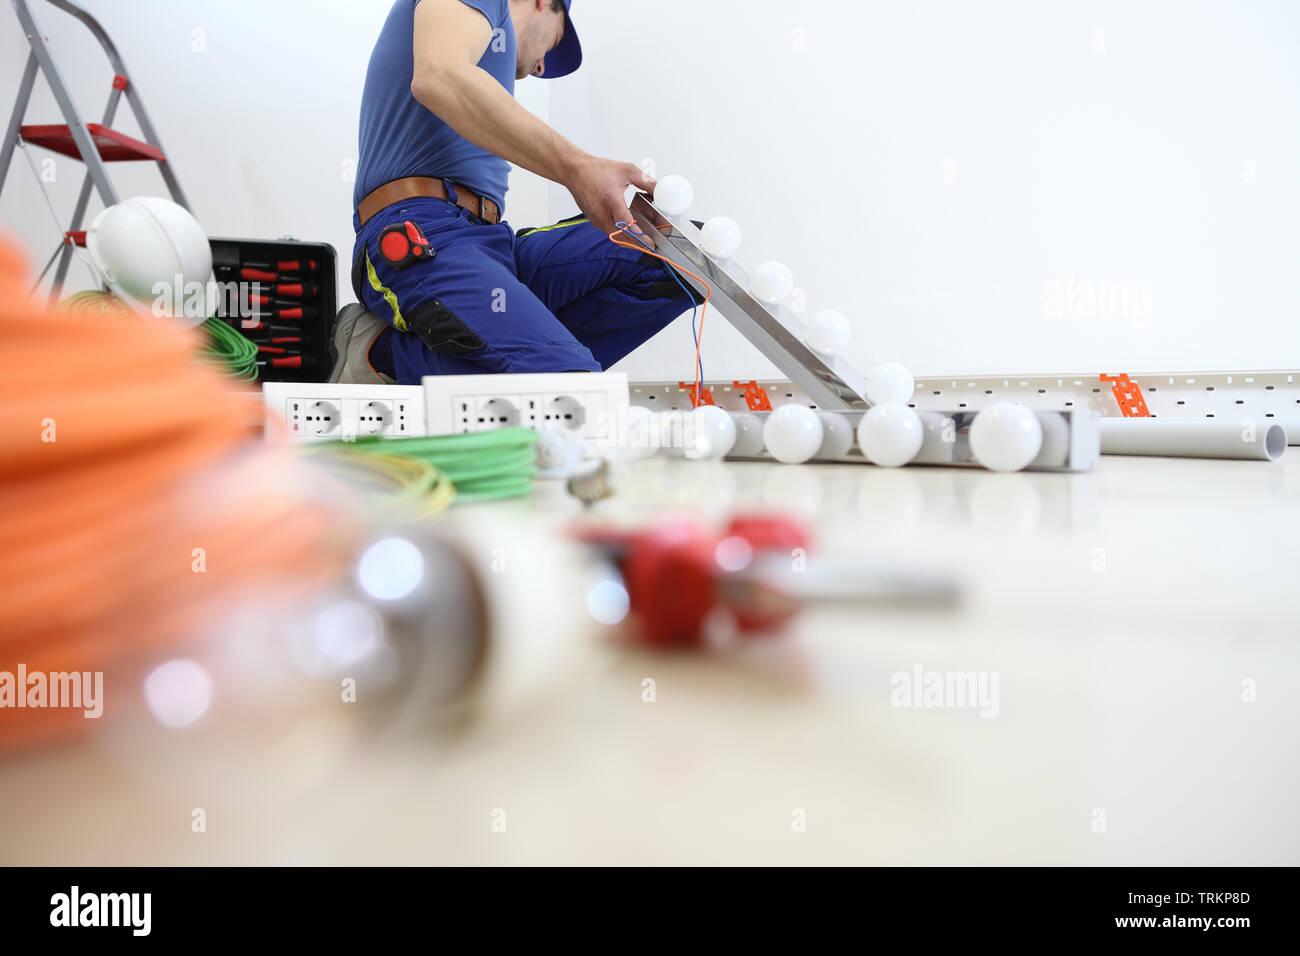 Elektriker am Werk Lampe installieren, installieren Sie Stromkreise, elektrische Verkabelung Stockbild